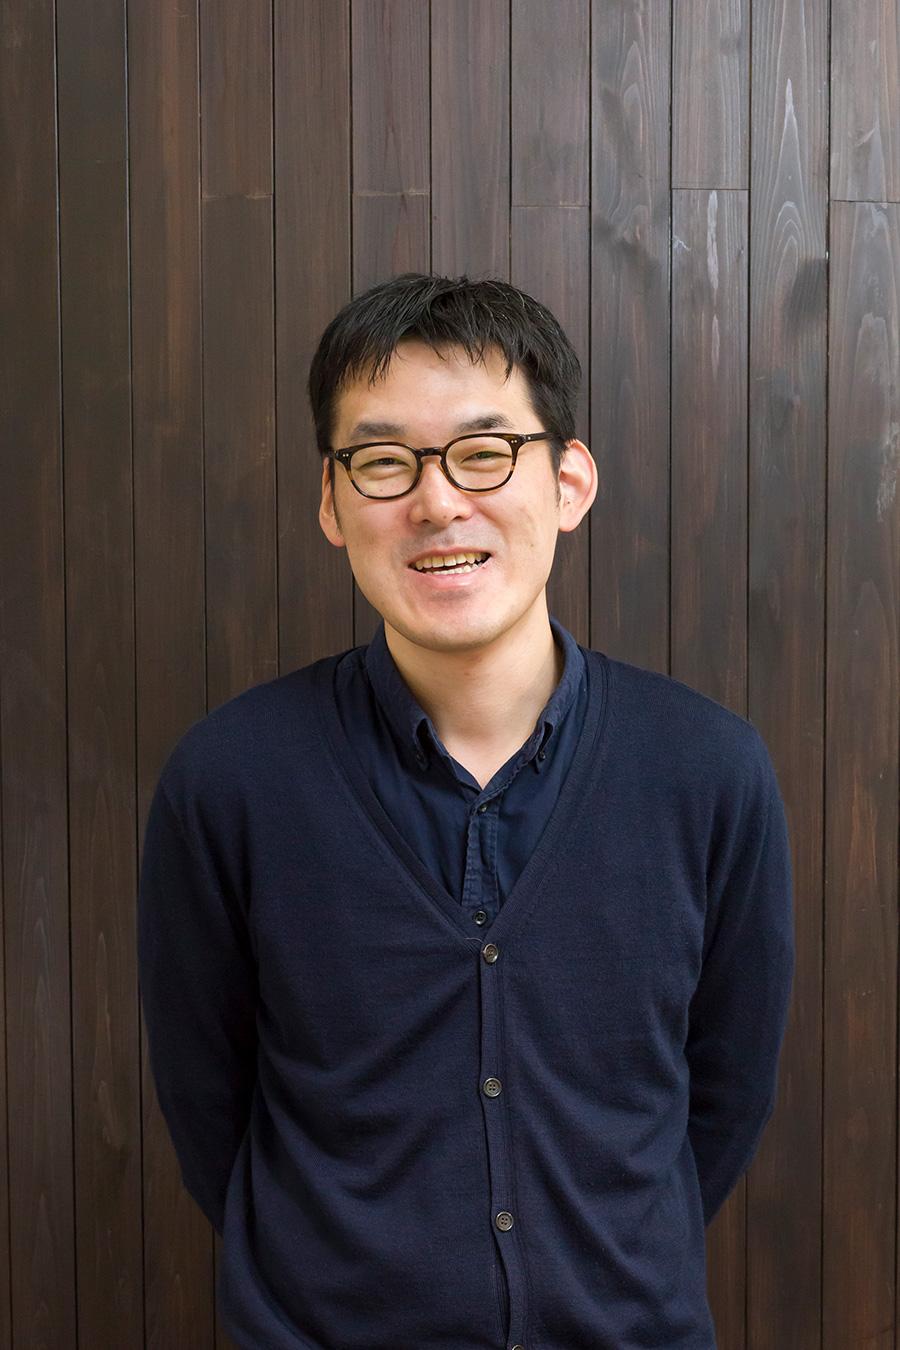 2回に渡り苔のテラリウムの指導をしていただいた川本毅さん。「モノよりコト。作る楽しみを多くの方たちに伝えていきたいと考えています」